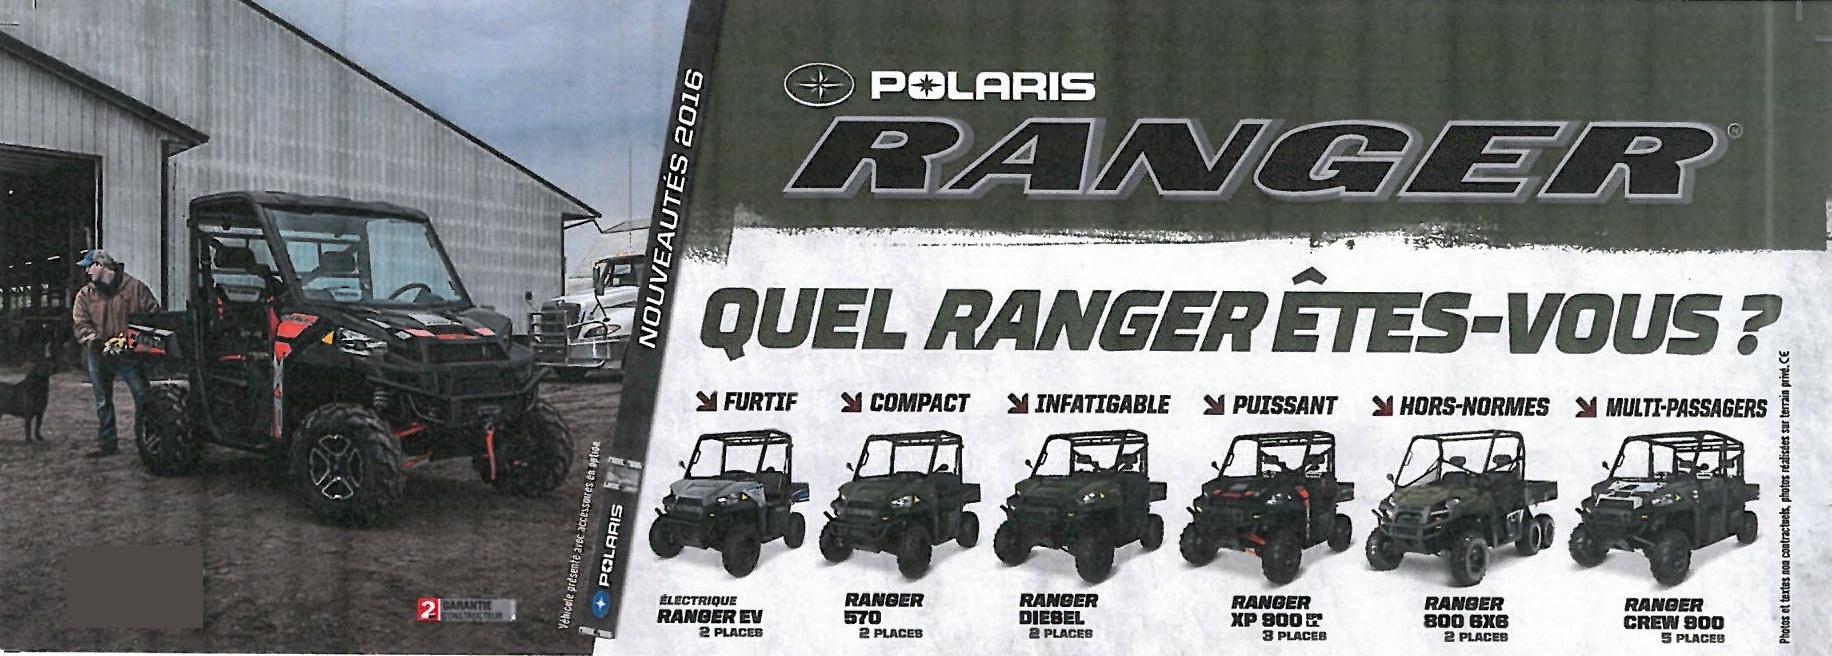 Polaris Ranger